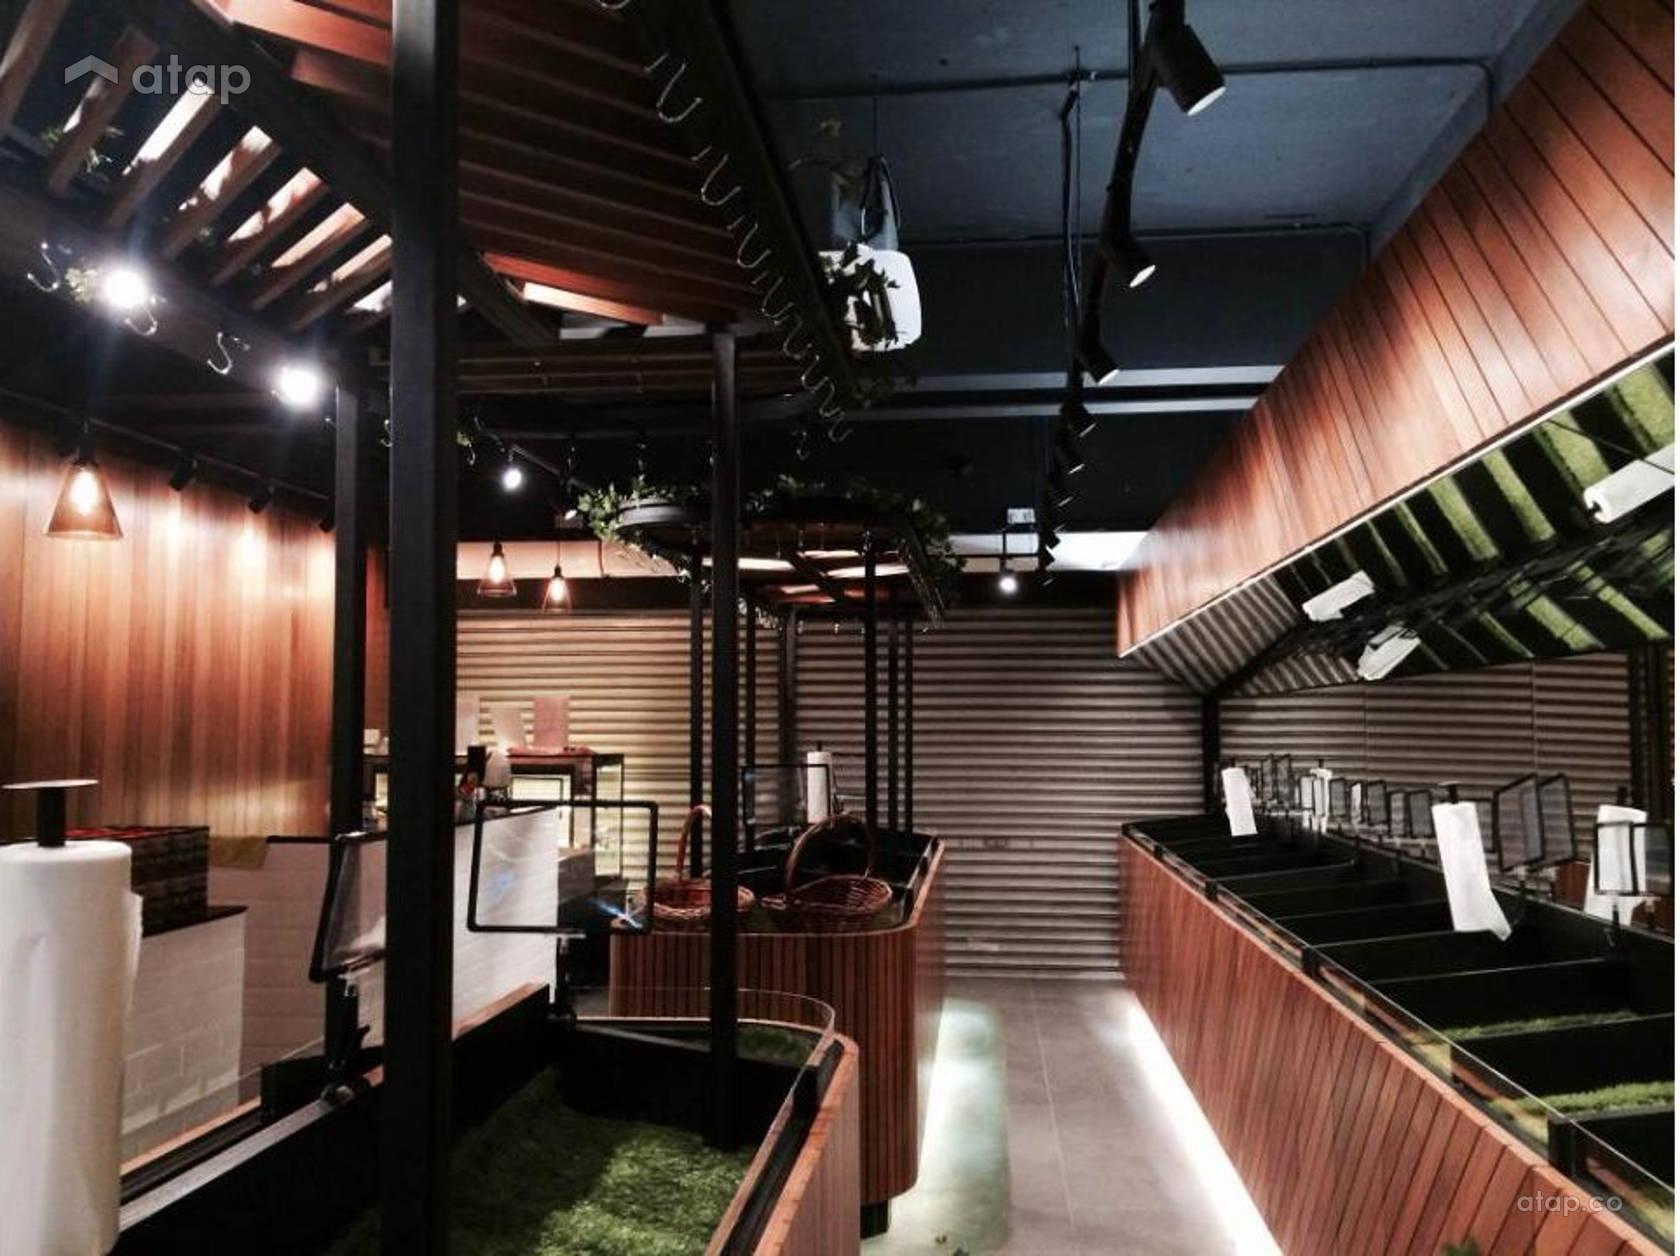 he Fruits Shop @ SS2, Petaling Jaya interior design renovation ... - ^